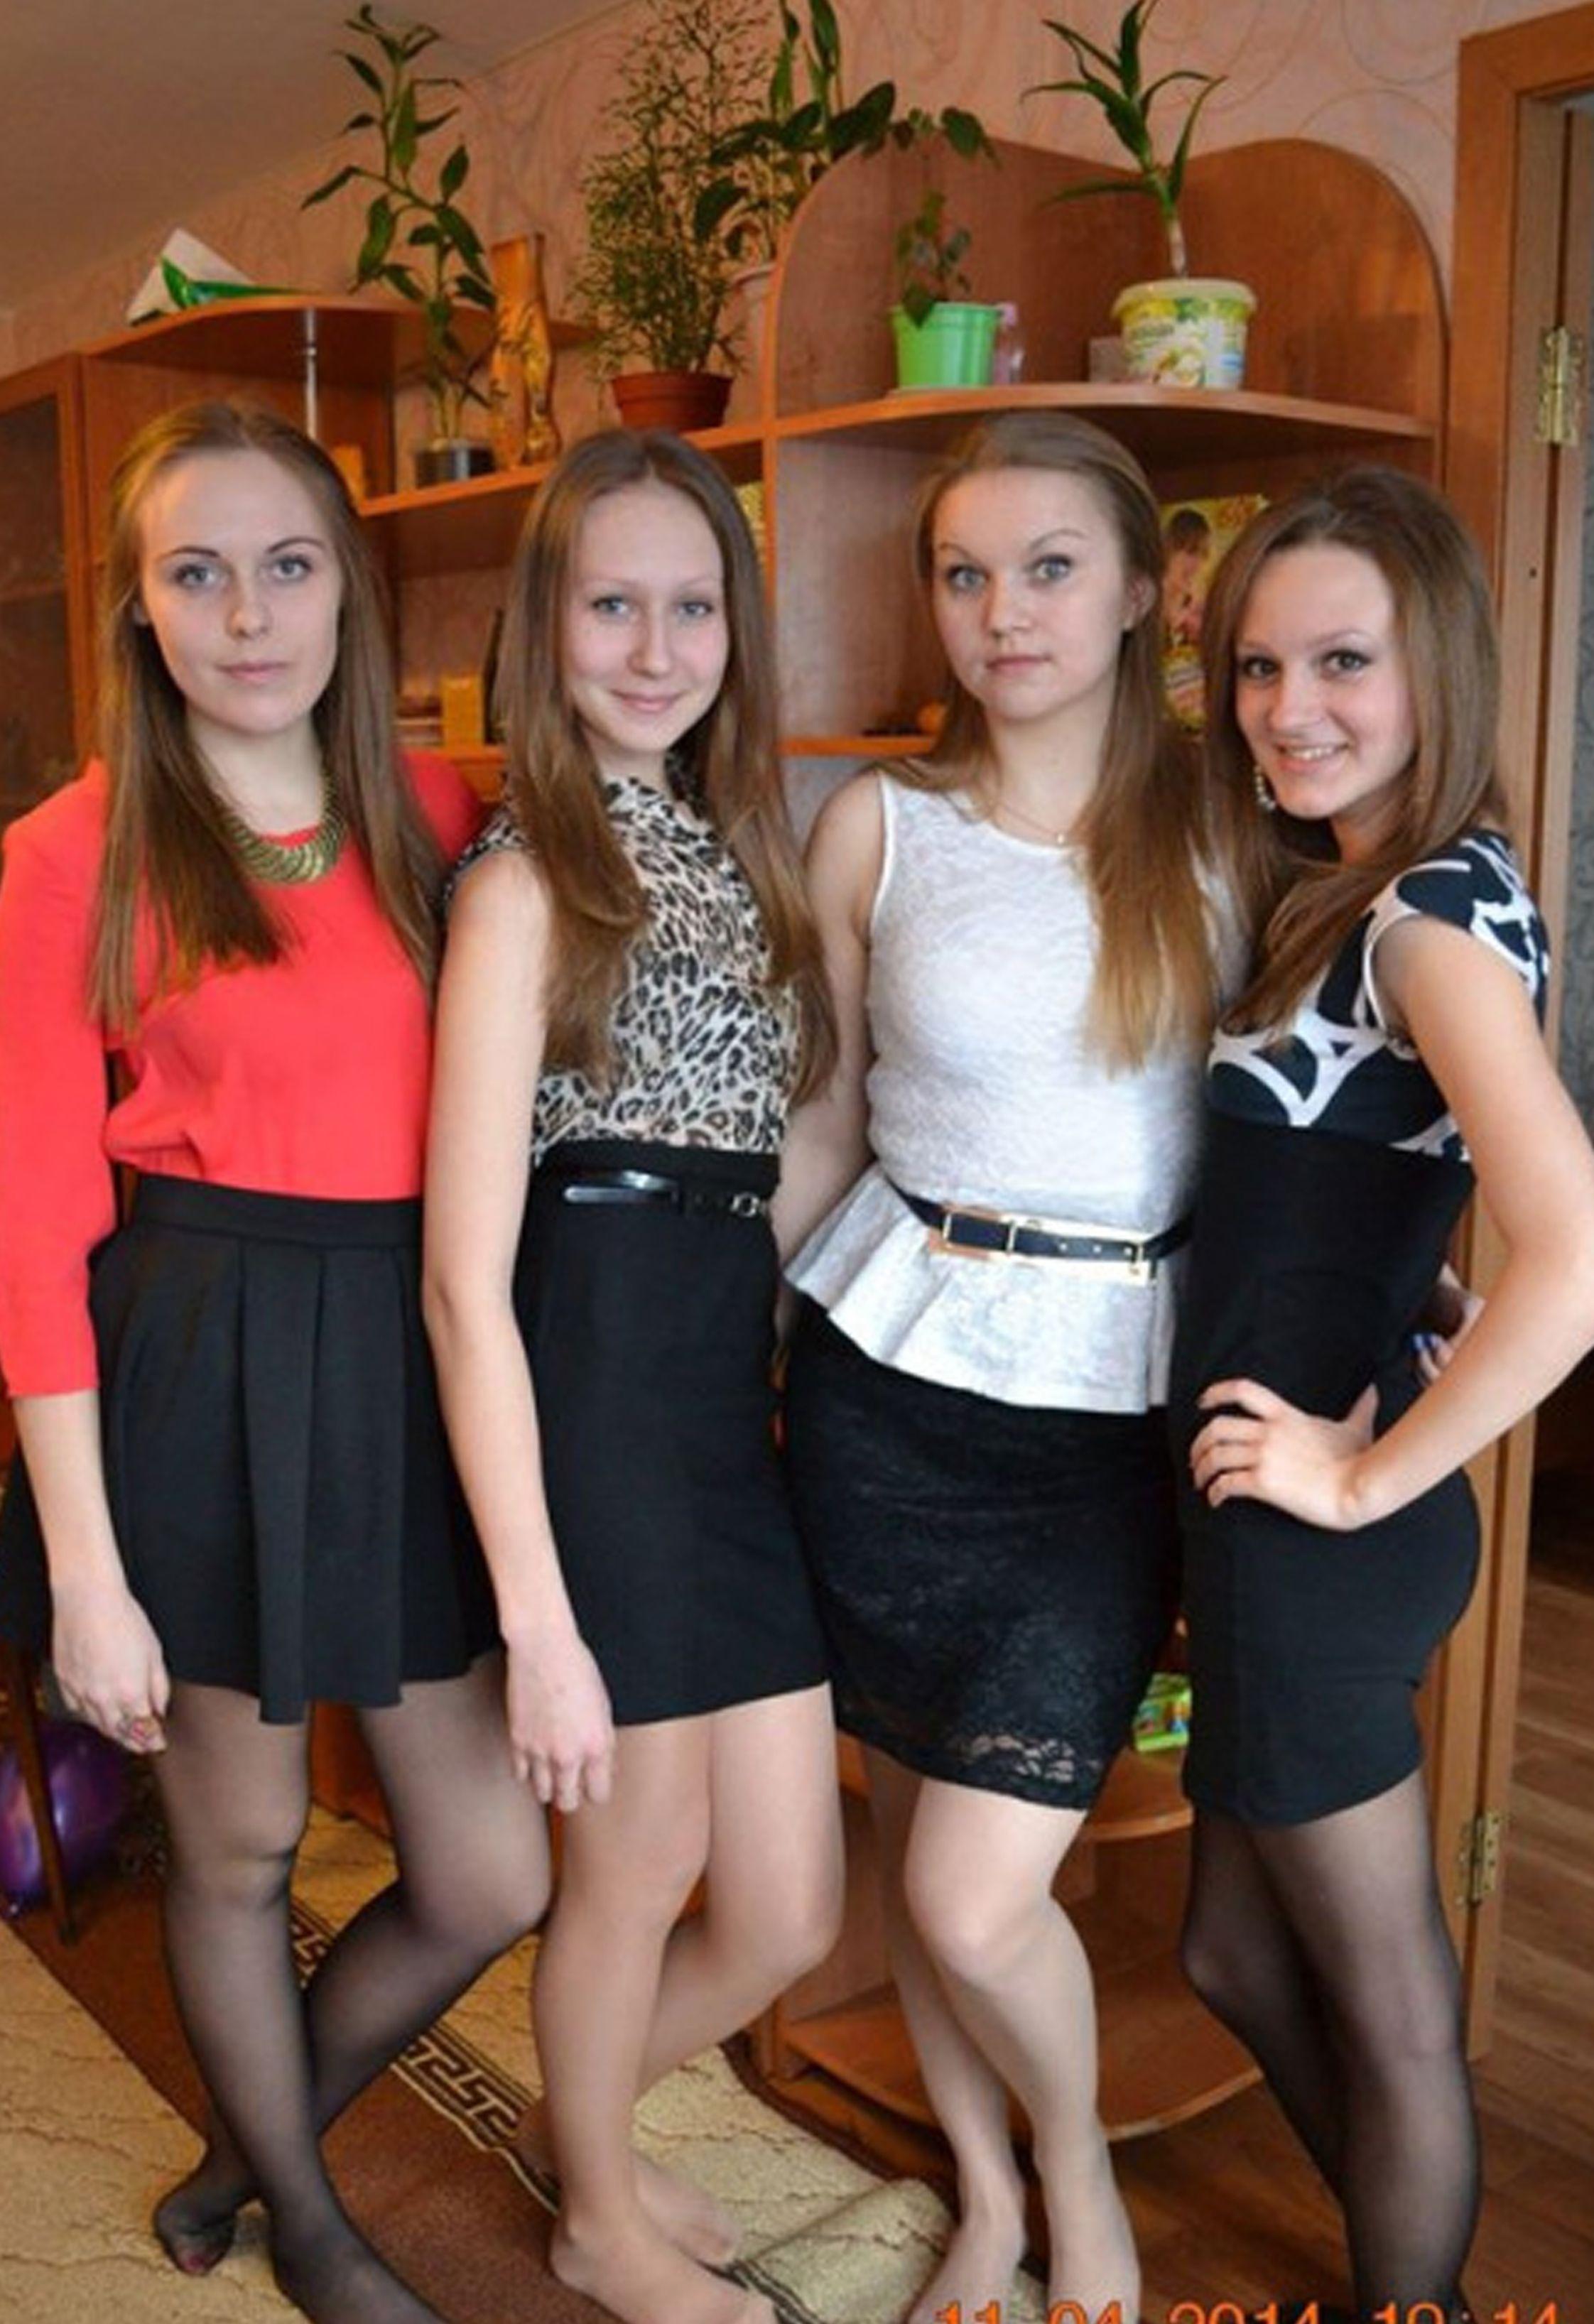 Pin Af Bjarne Aarslev Jensen P Satin Party Girls -3705